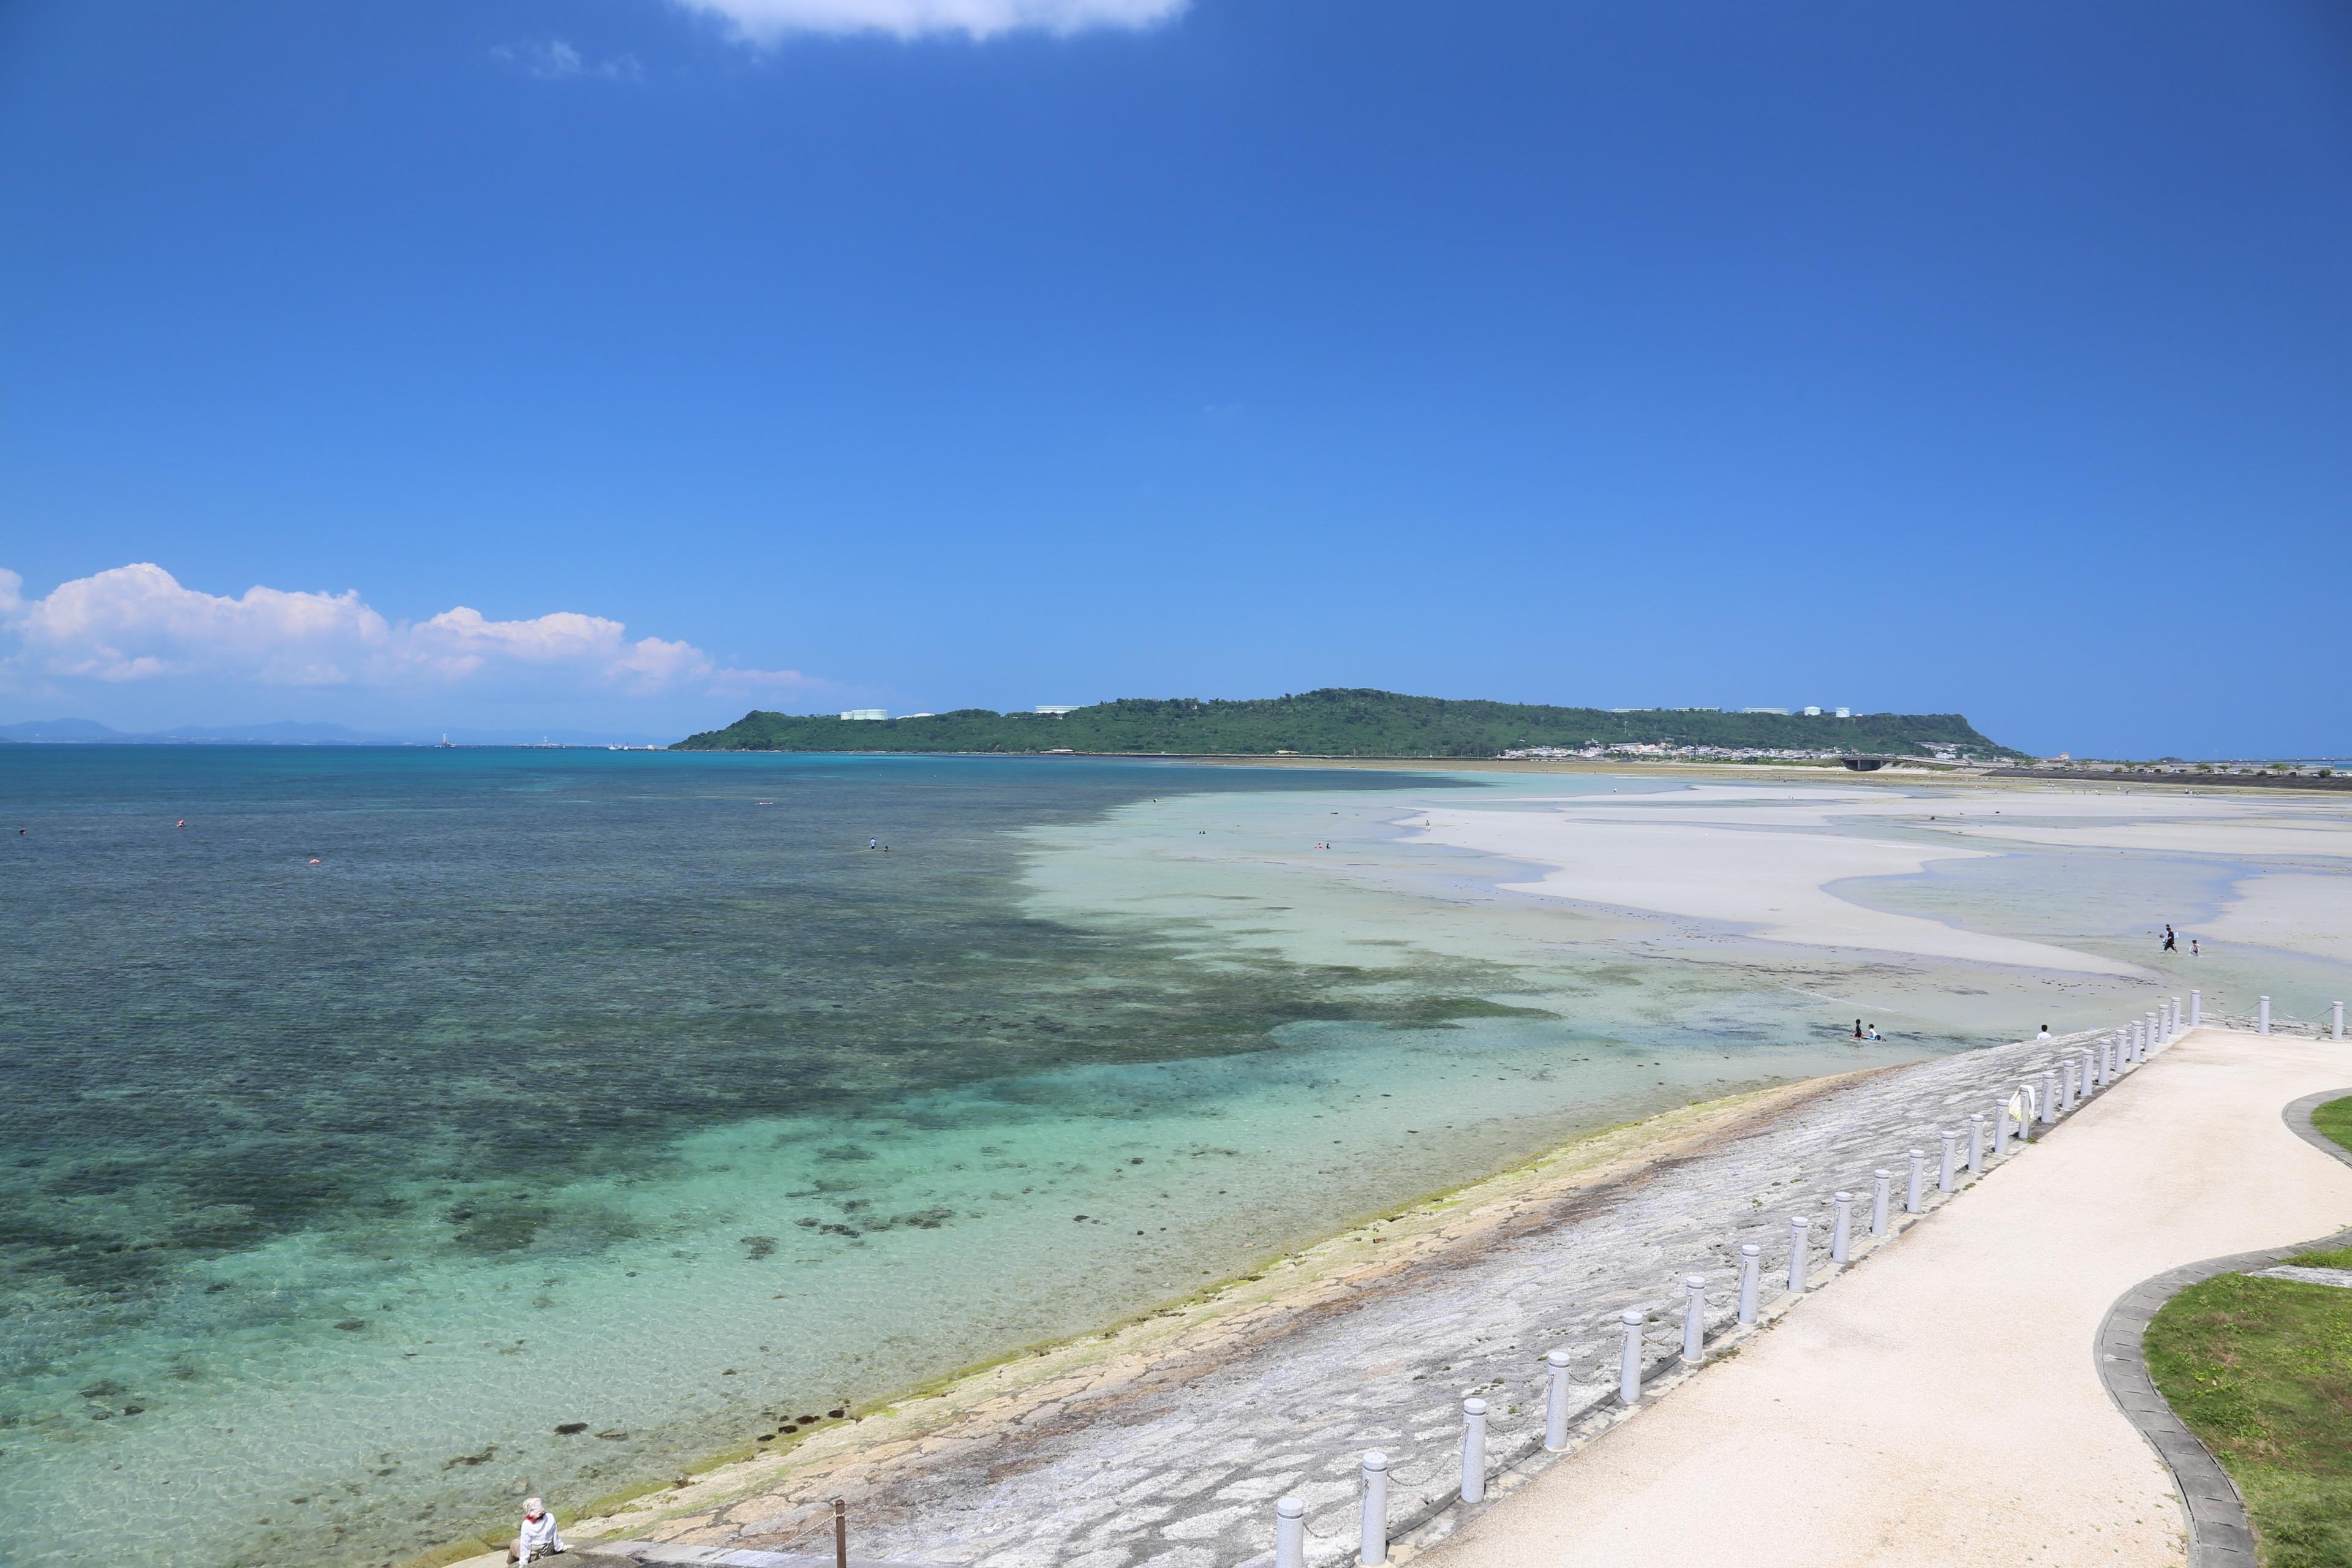 Uruma, Okinawa (prefektur), Japan